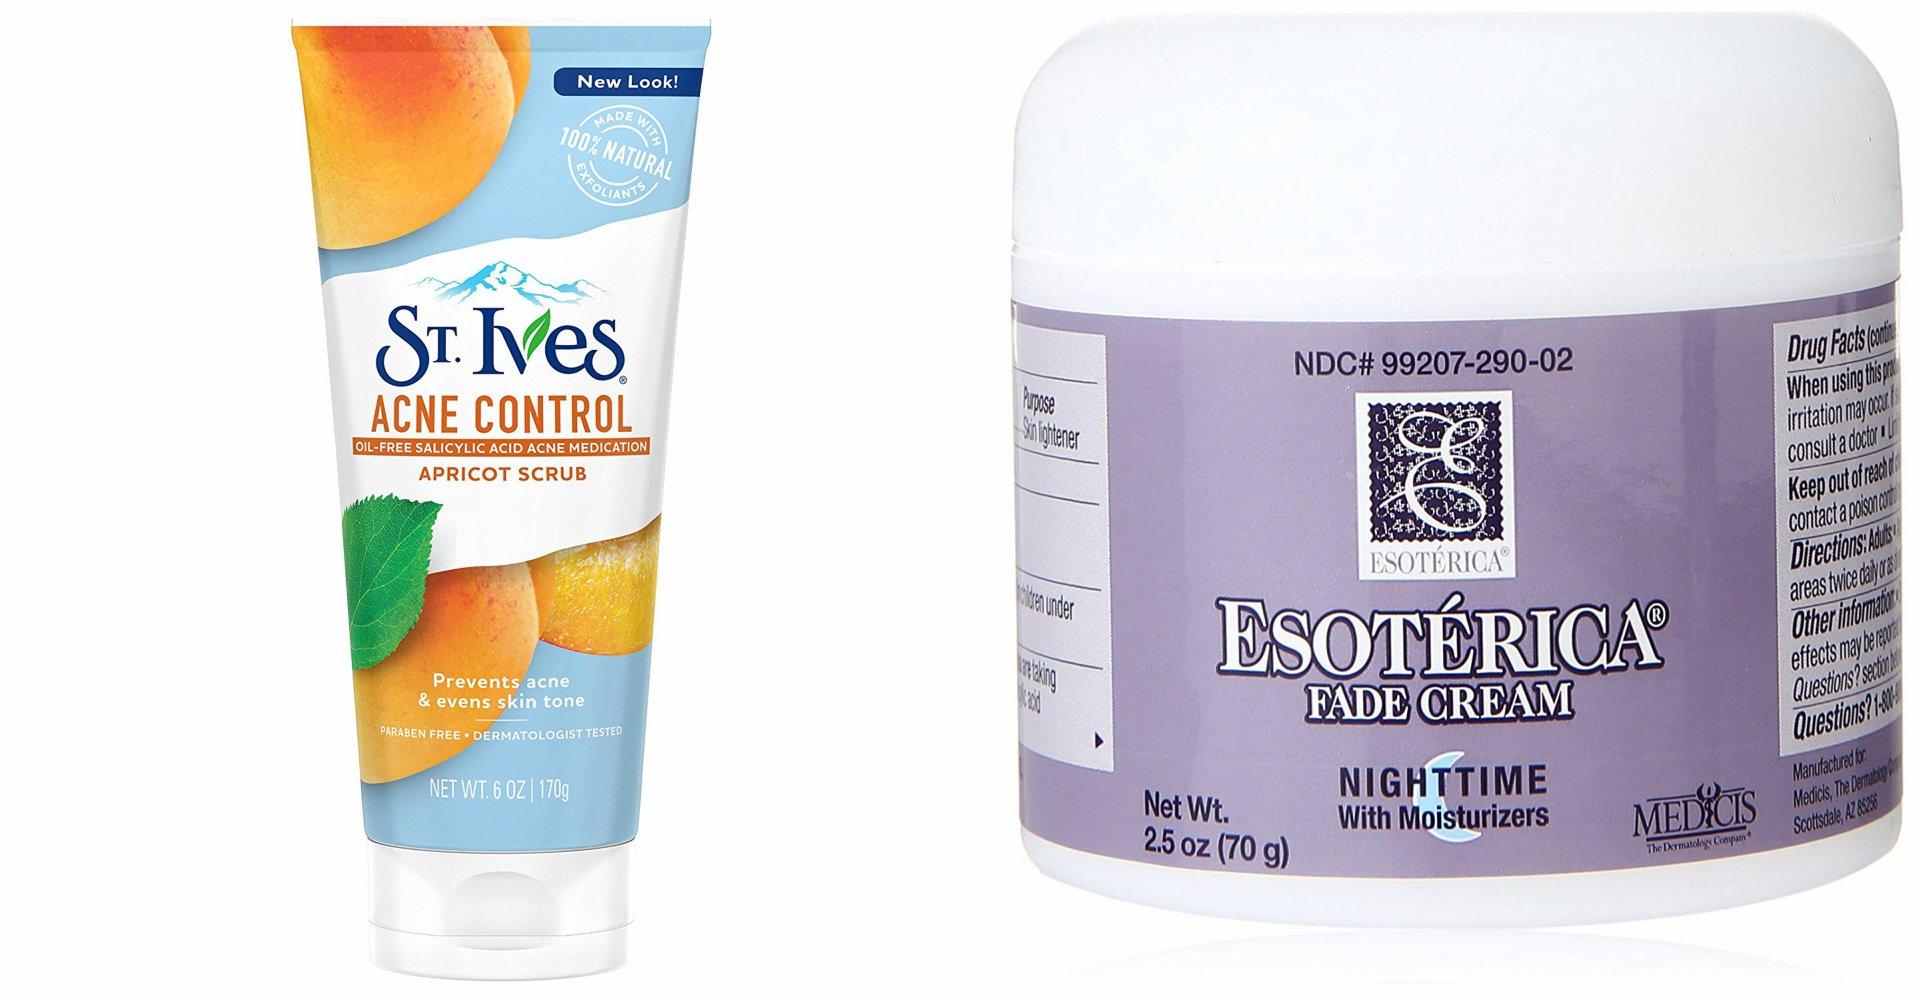 Crema Esoterica Con Hidroquinona Para Las Manchas Y Blanquear La Piel - Uso De Noche -